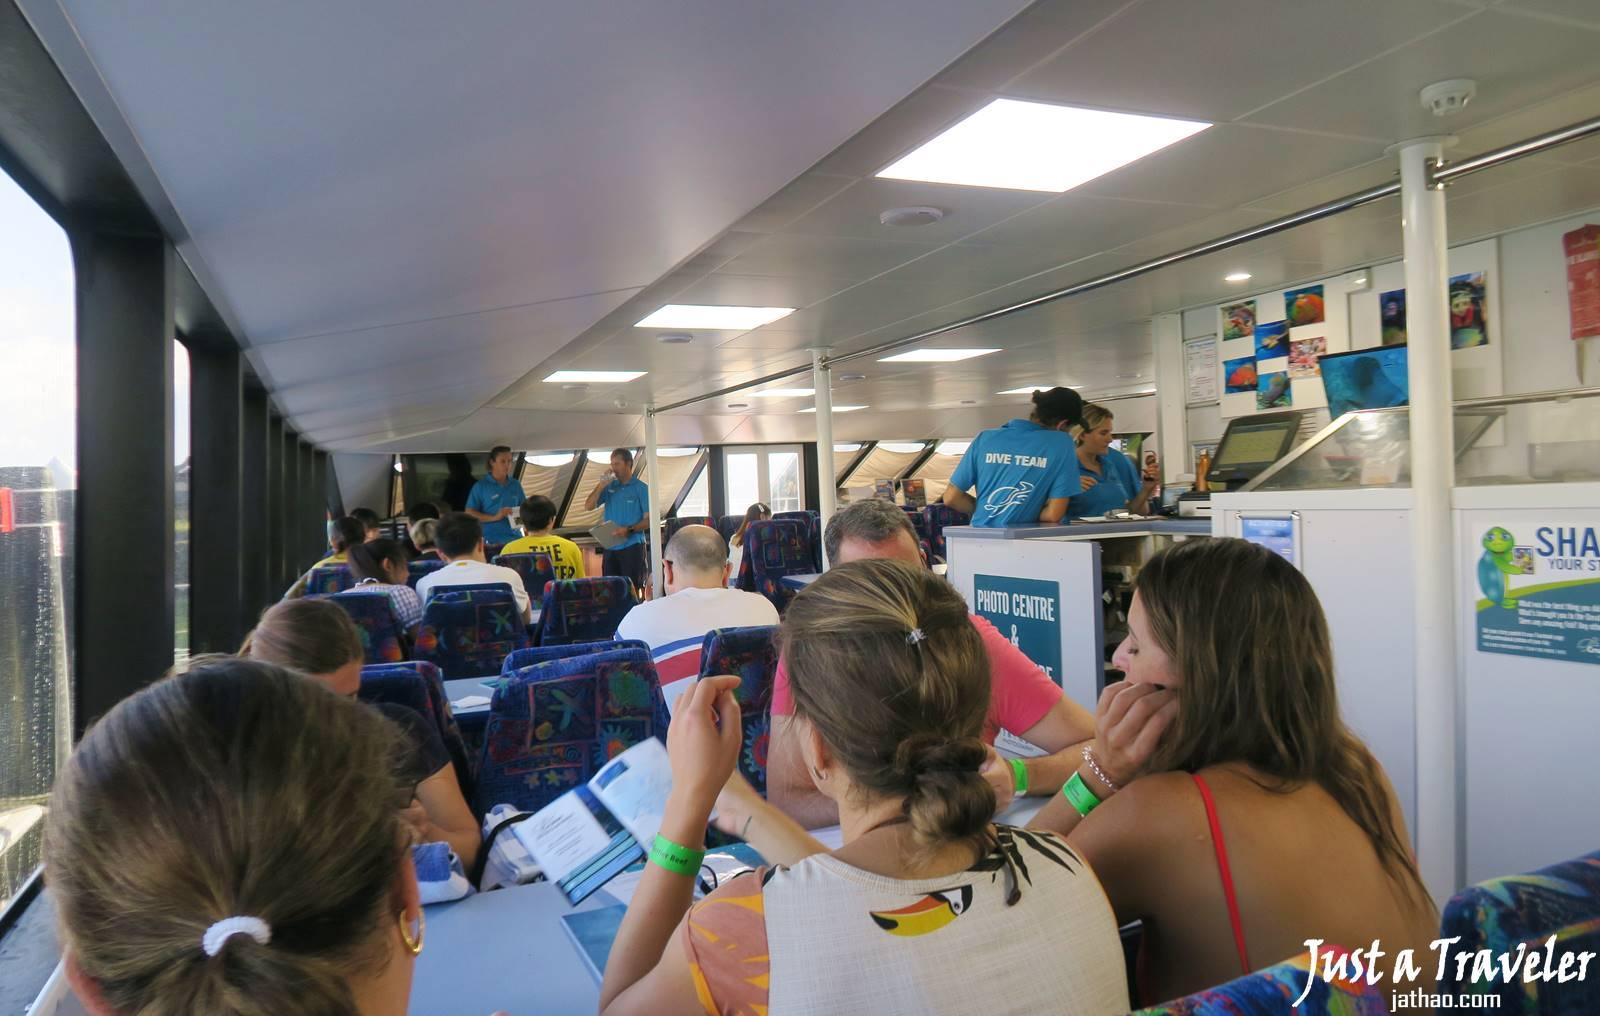 聖靈群島-景點-推薦-大堡礁-交通-渡輪-浮潛-潛水-行程-玩水-一日遊-遊記-攻略-自由行-旅遊-澳洲-Whitsundays-Great-Barrier-Reef